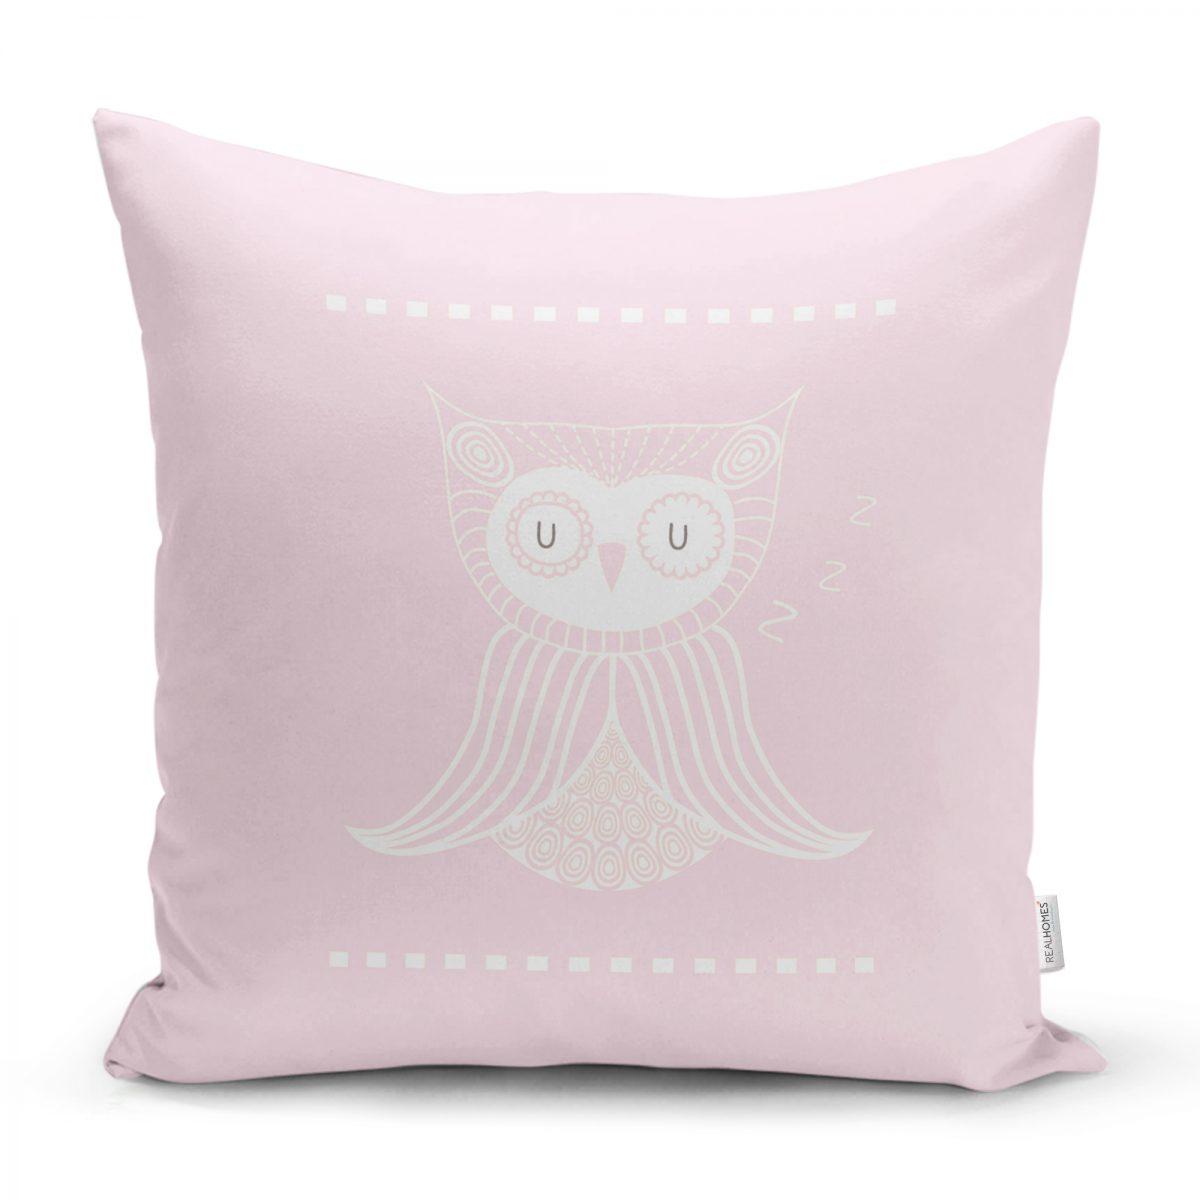 Gri Zeminde Baykuş Özel Tasarımlı Bebek Odası Yastık Kırlent Kılıfı Realhomes